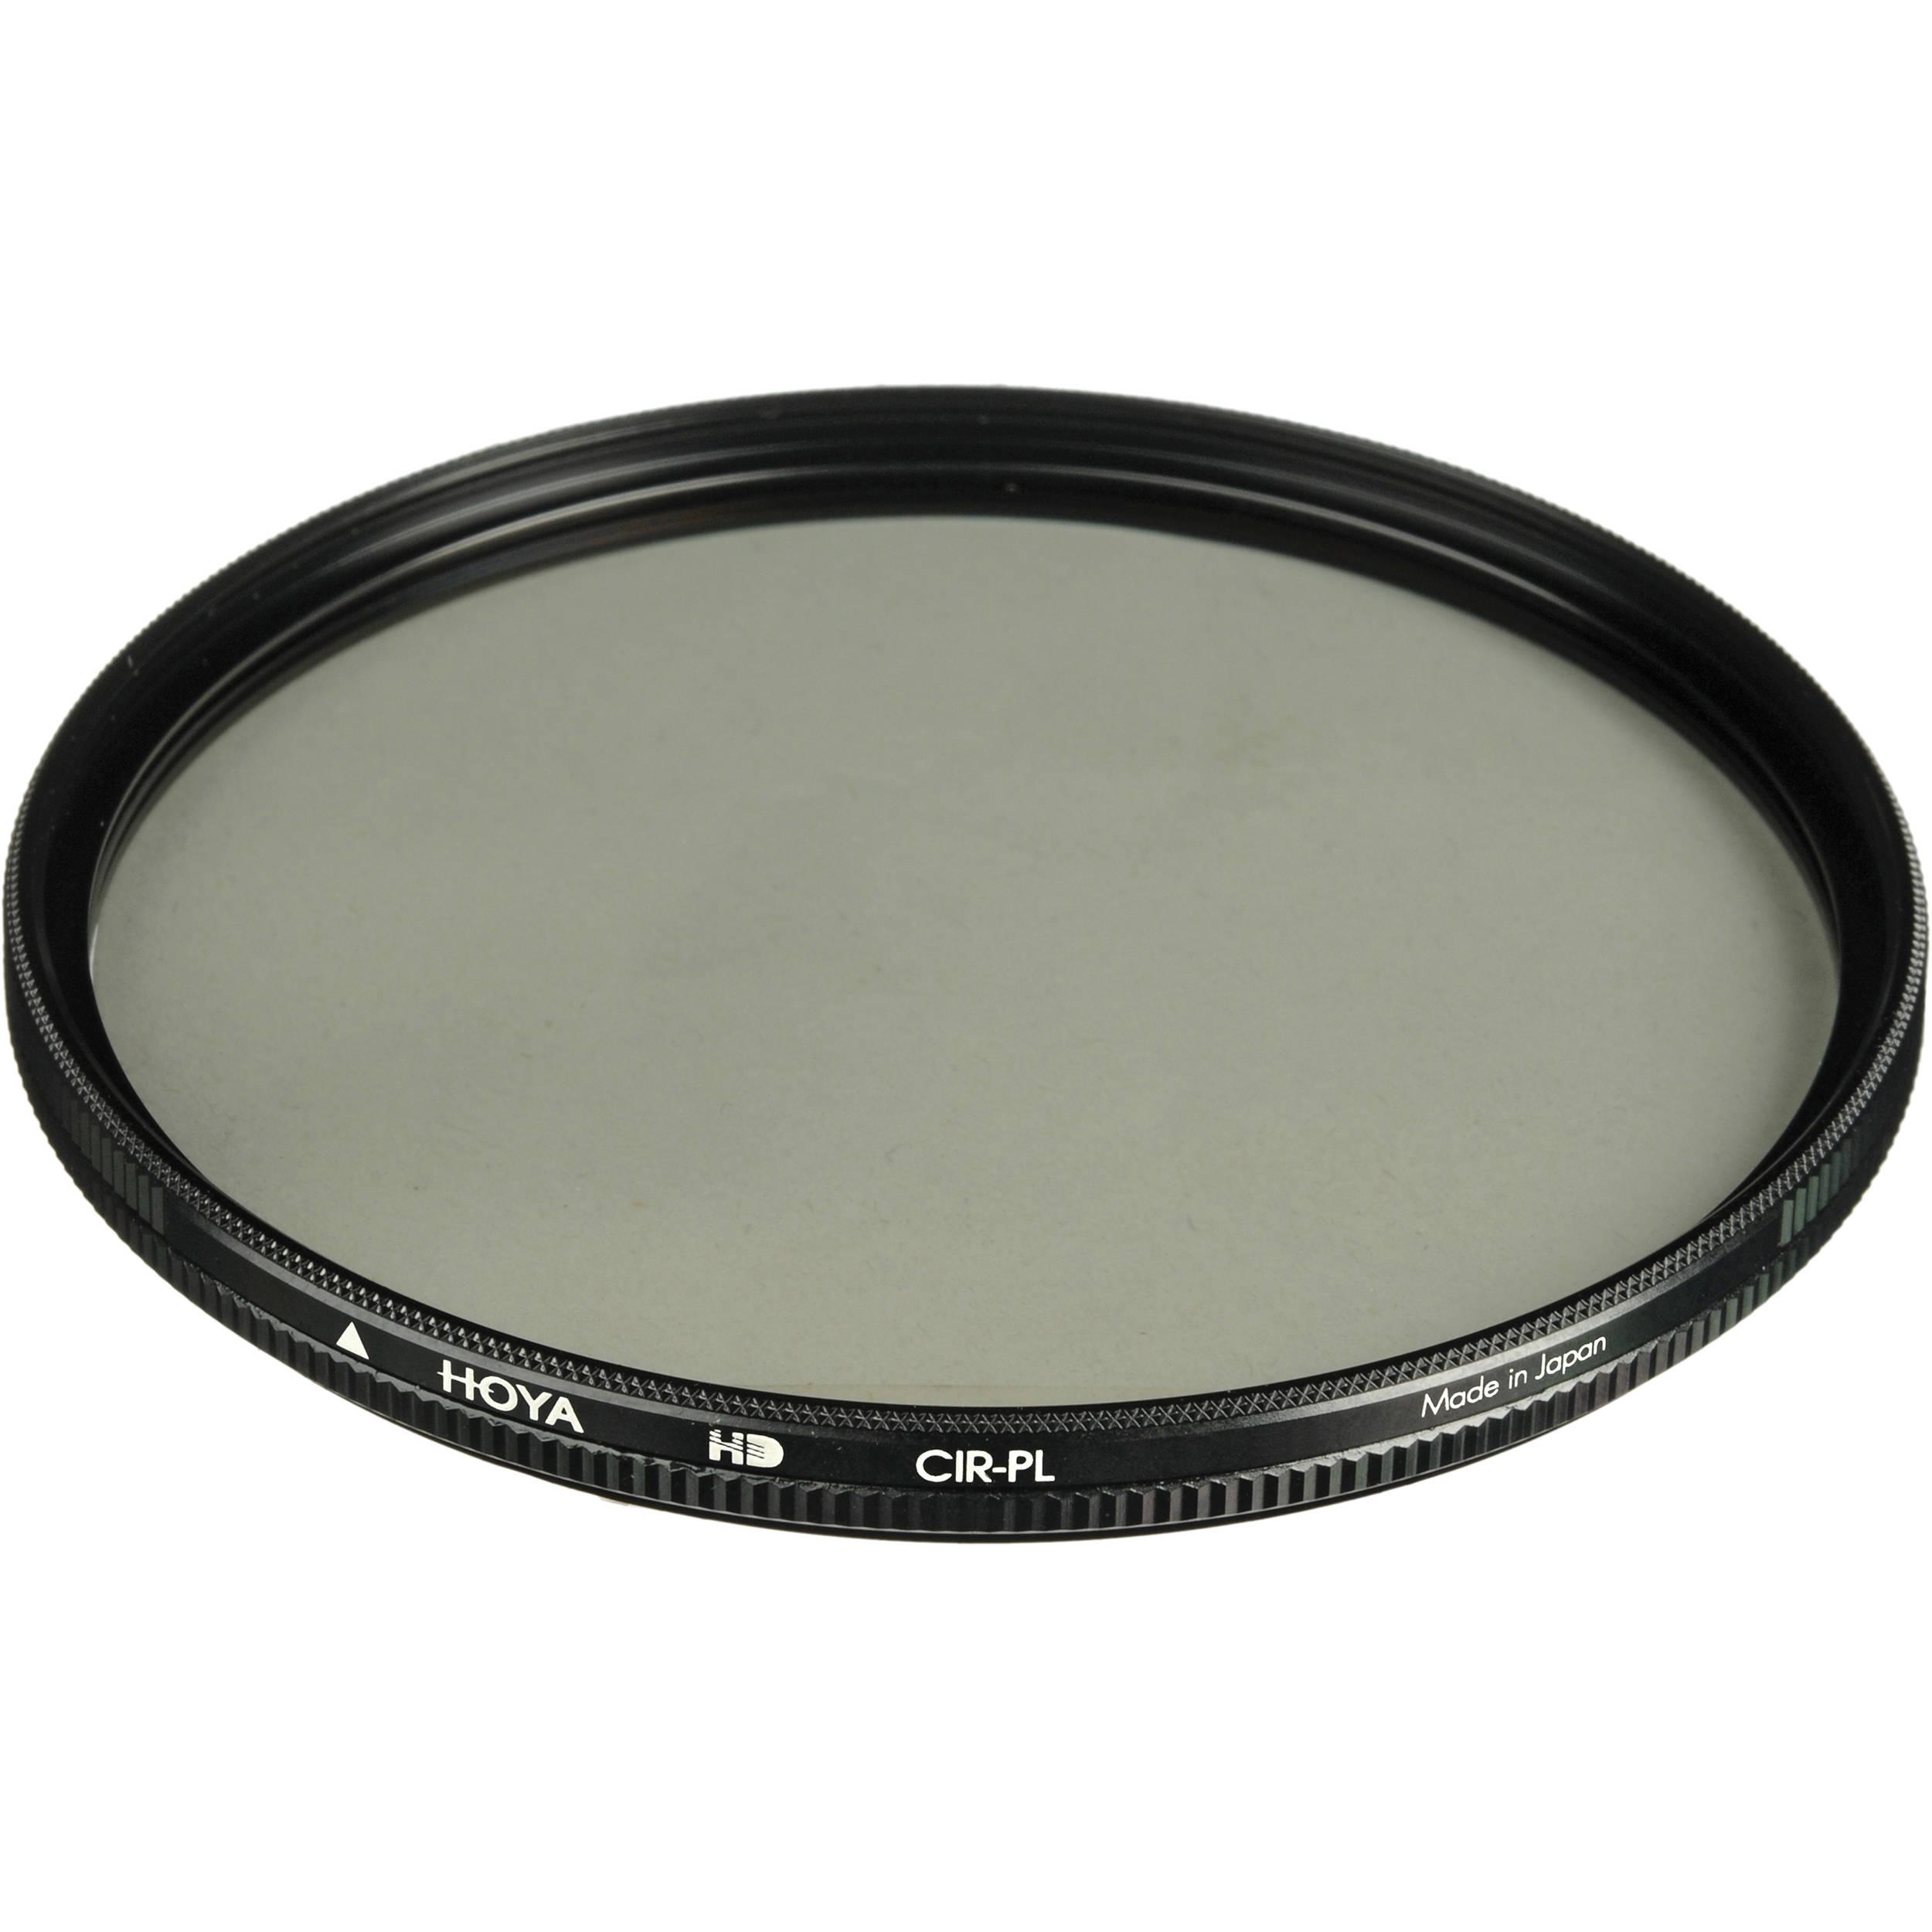 62c43140a7e1 Hoya 62mm HD Circular Polarizer Filter XHD62CRPL B&H Photo Video